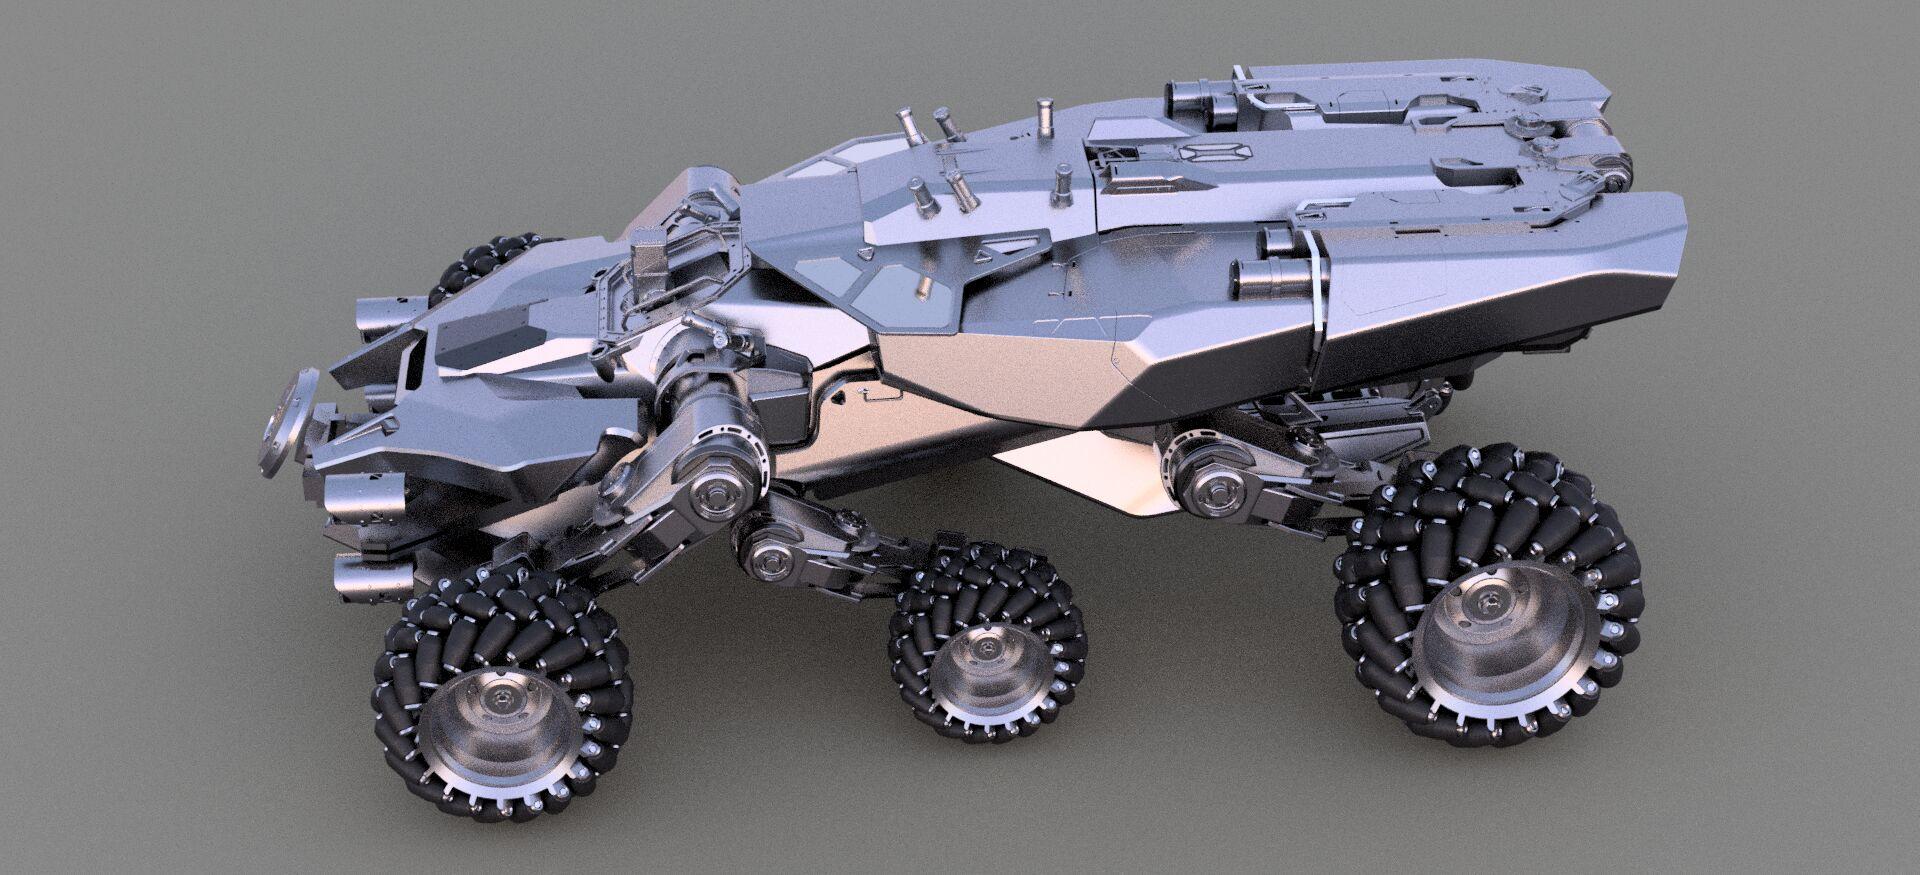 Scorpion-v52-3500-3500